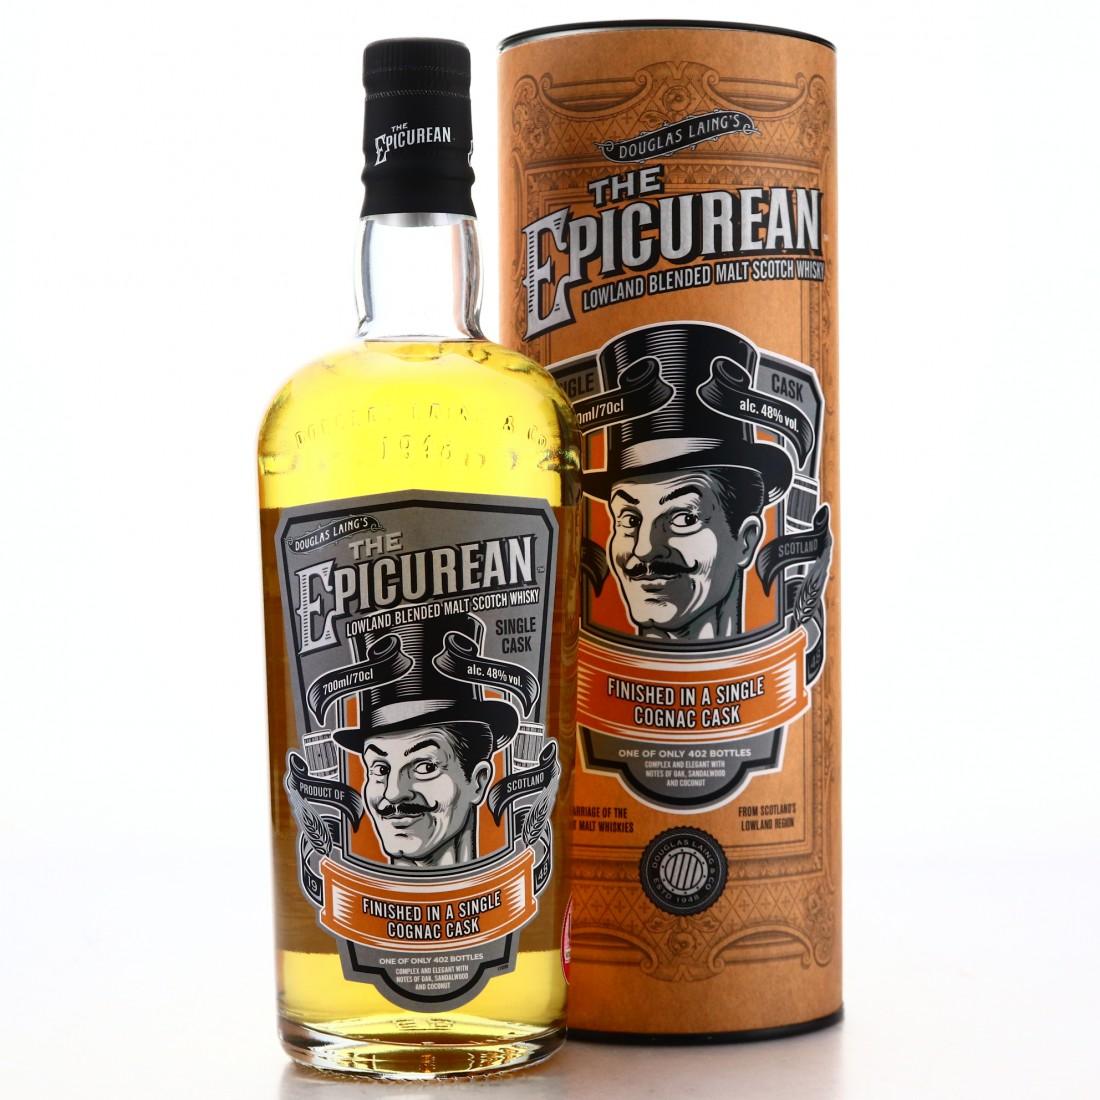 Epicurean Single Cask Cognac Finish